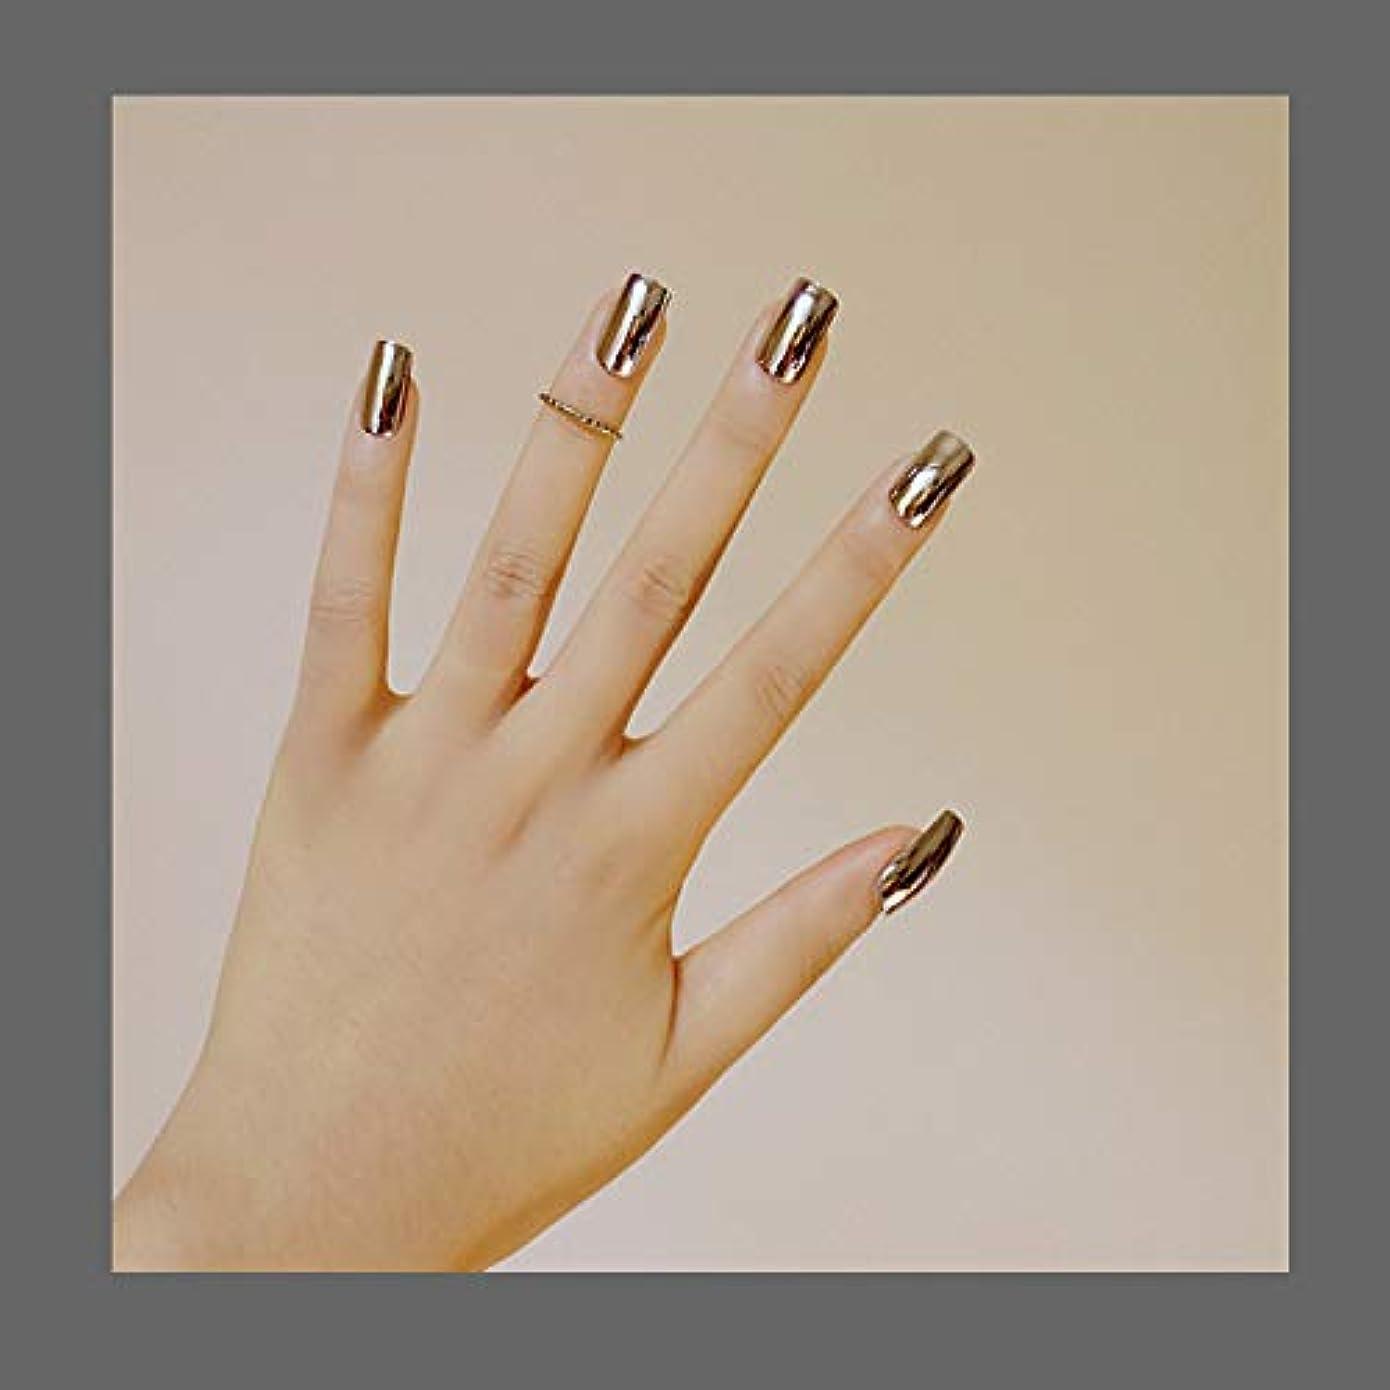 技術プレゼン訪問欧米で流行るパンク風付け爪 色変化のミラー付け爪 24枚付け爪 フラットヘッド 銀